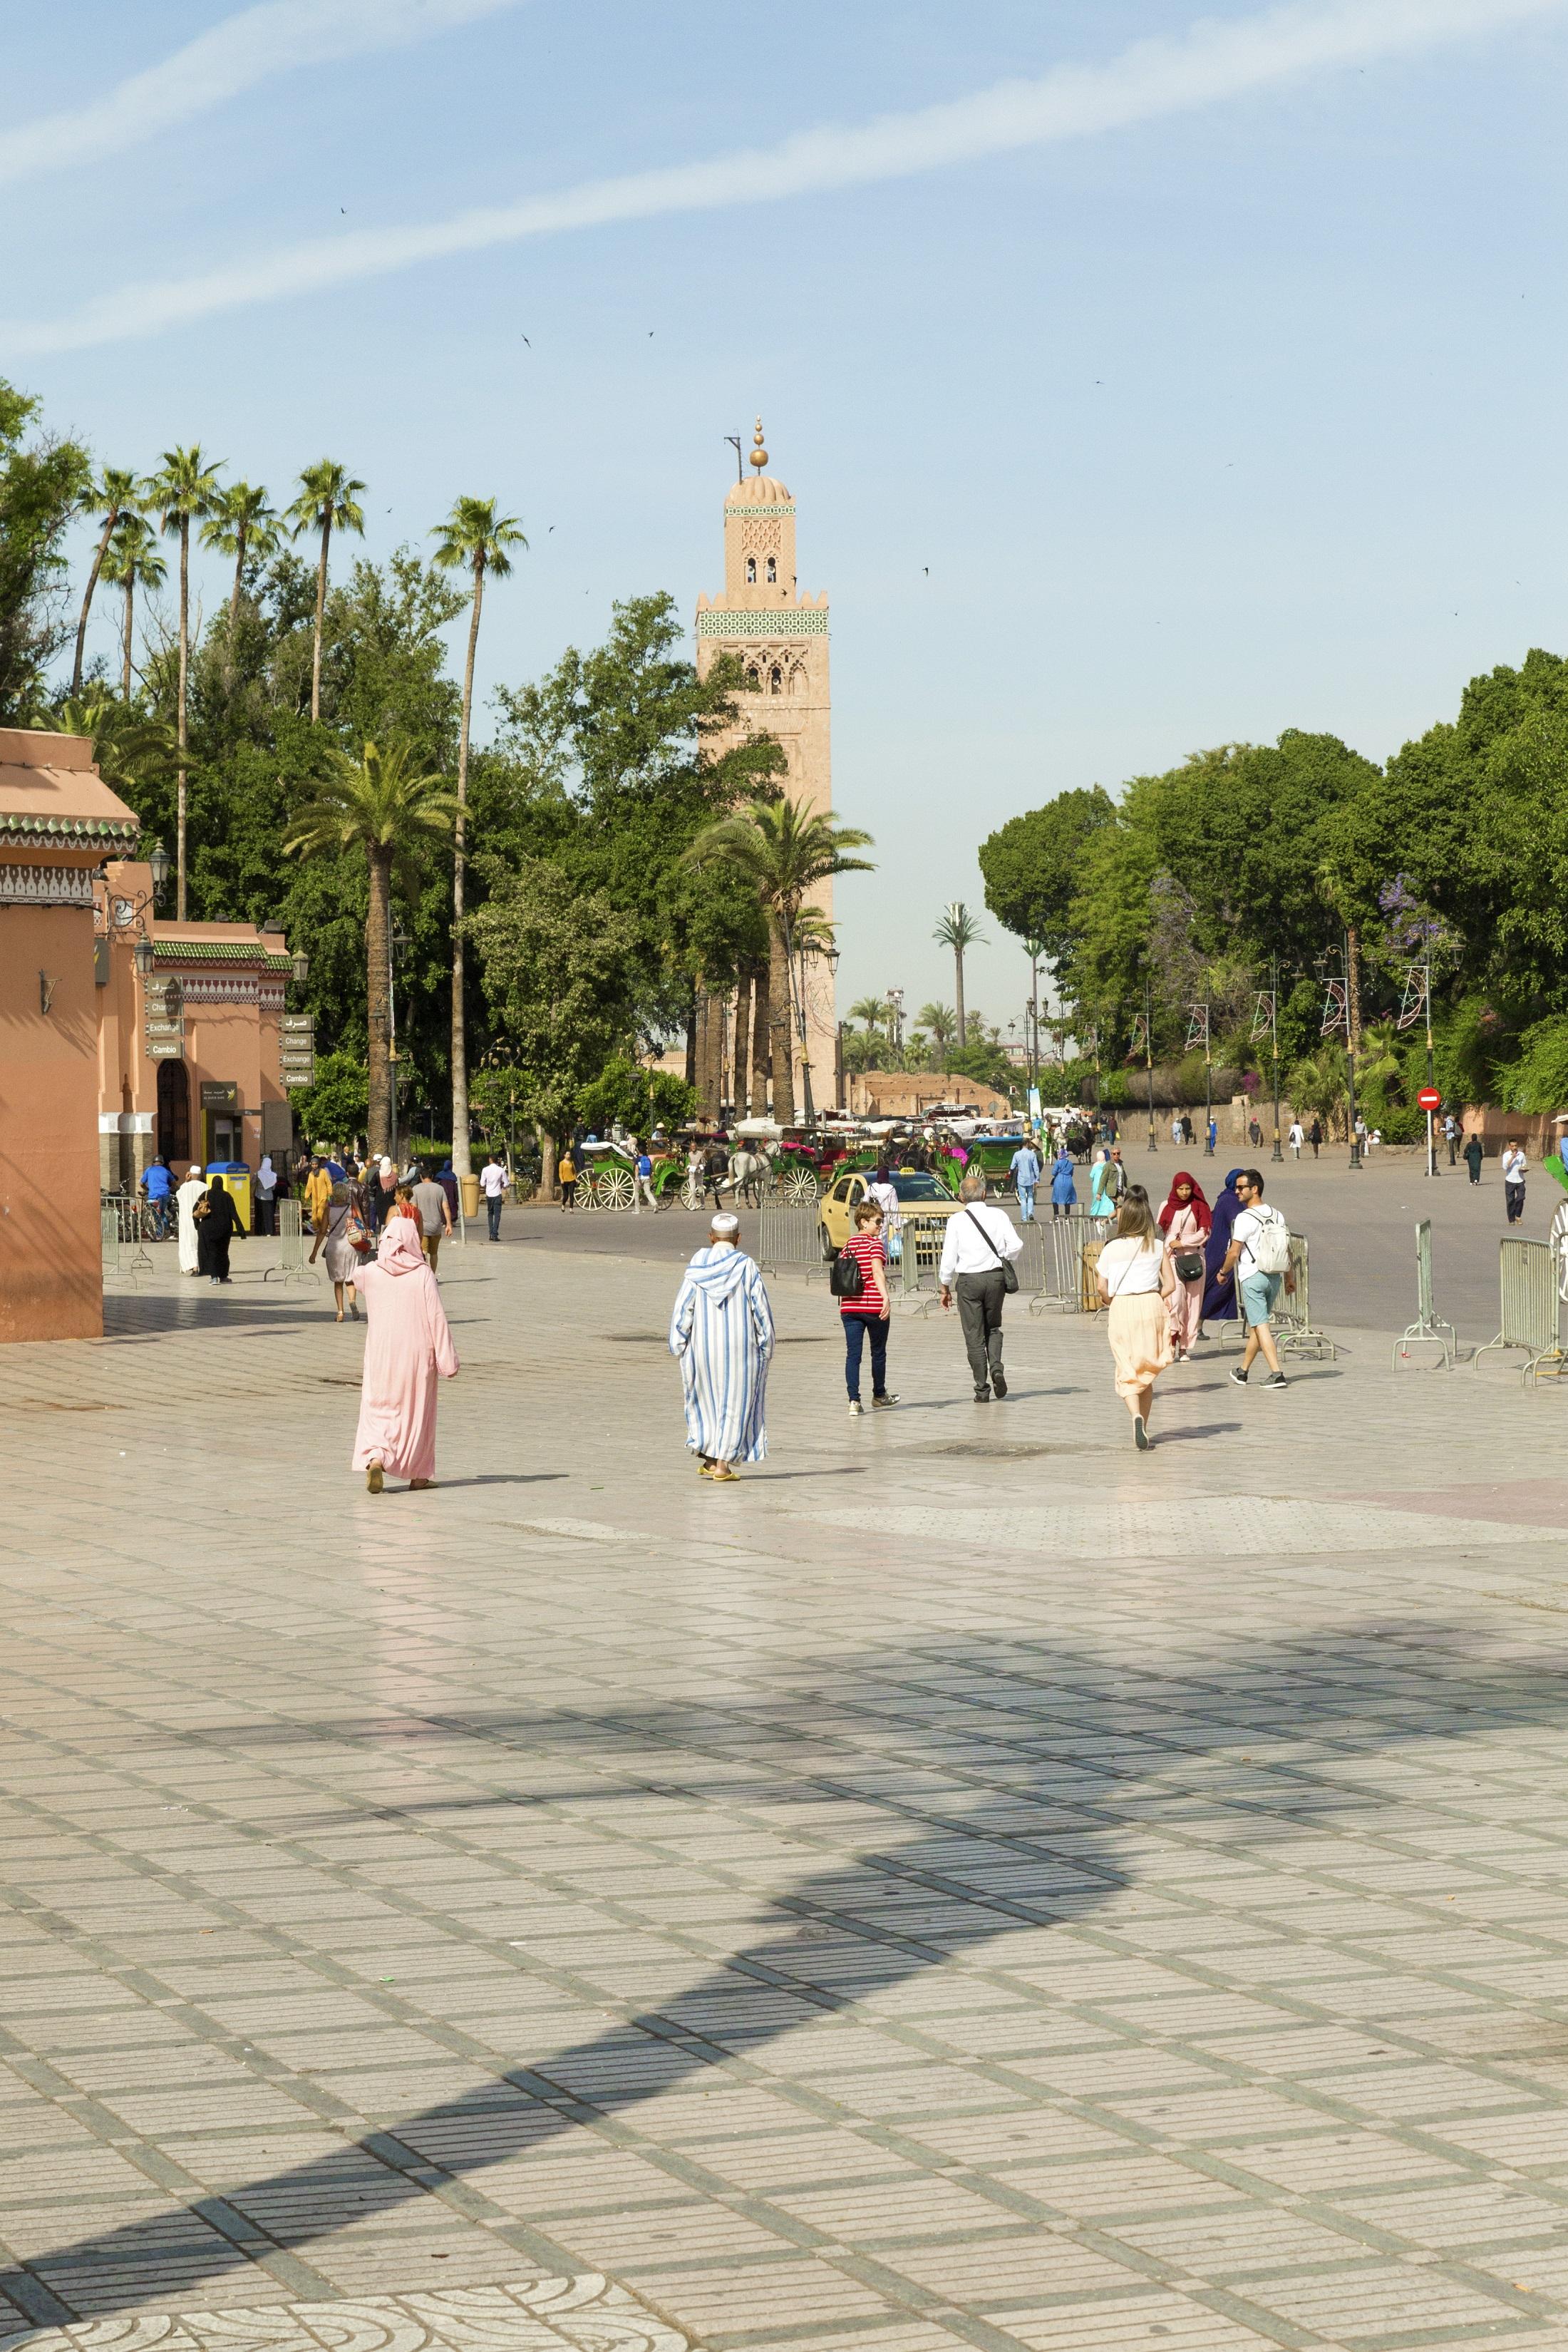 marrakech-pIAZZA-MOSCHEA